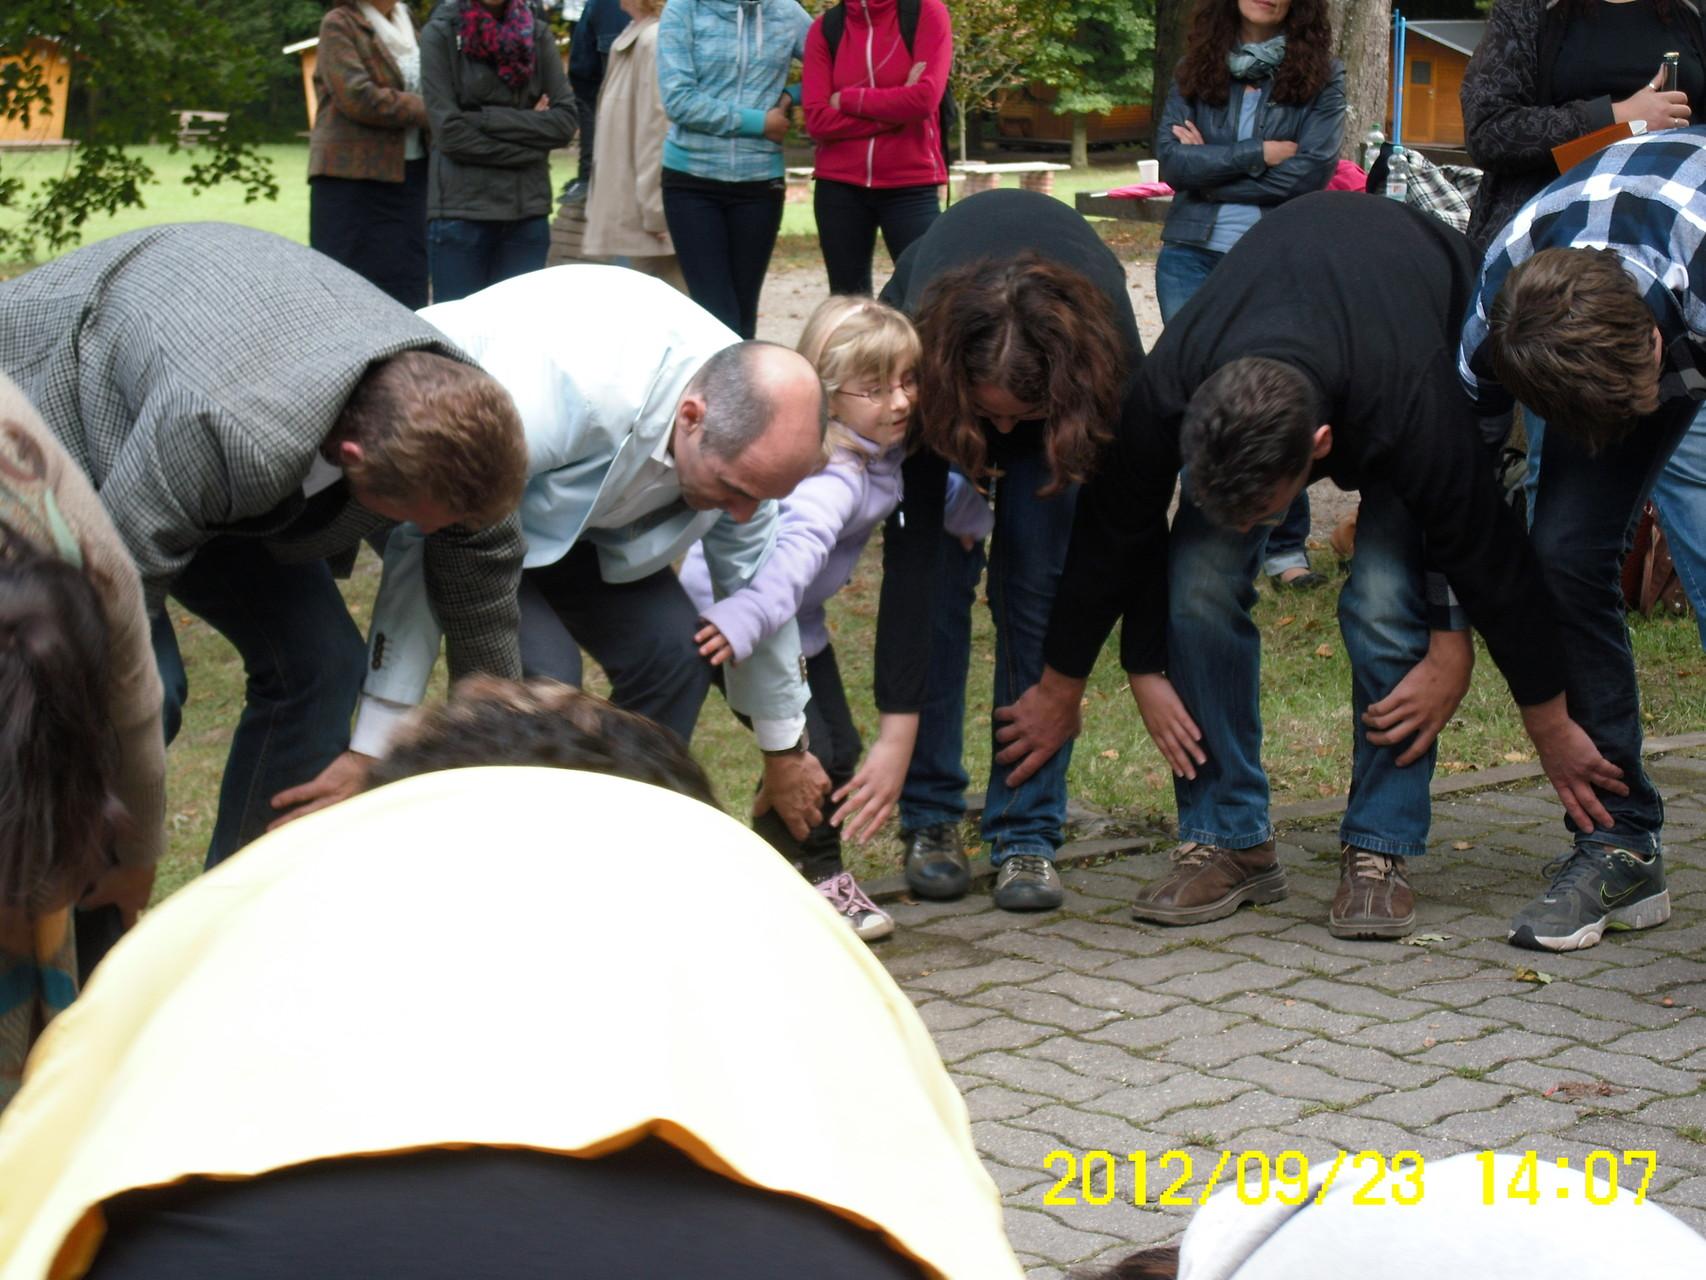 Wir tanzen jetzt den Lapadu - Präsentation des Fröhlich bunten Liederbuches am 23.09.2012